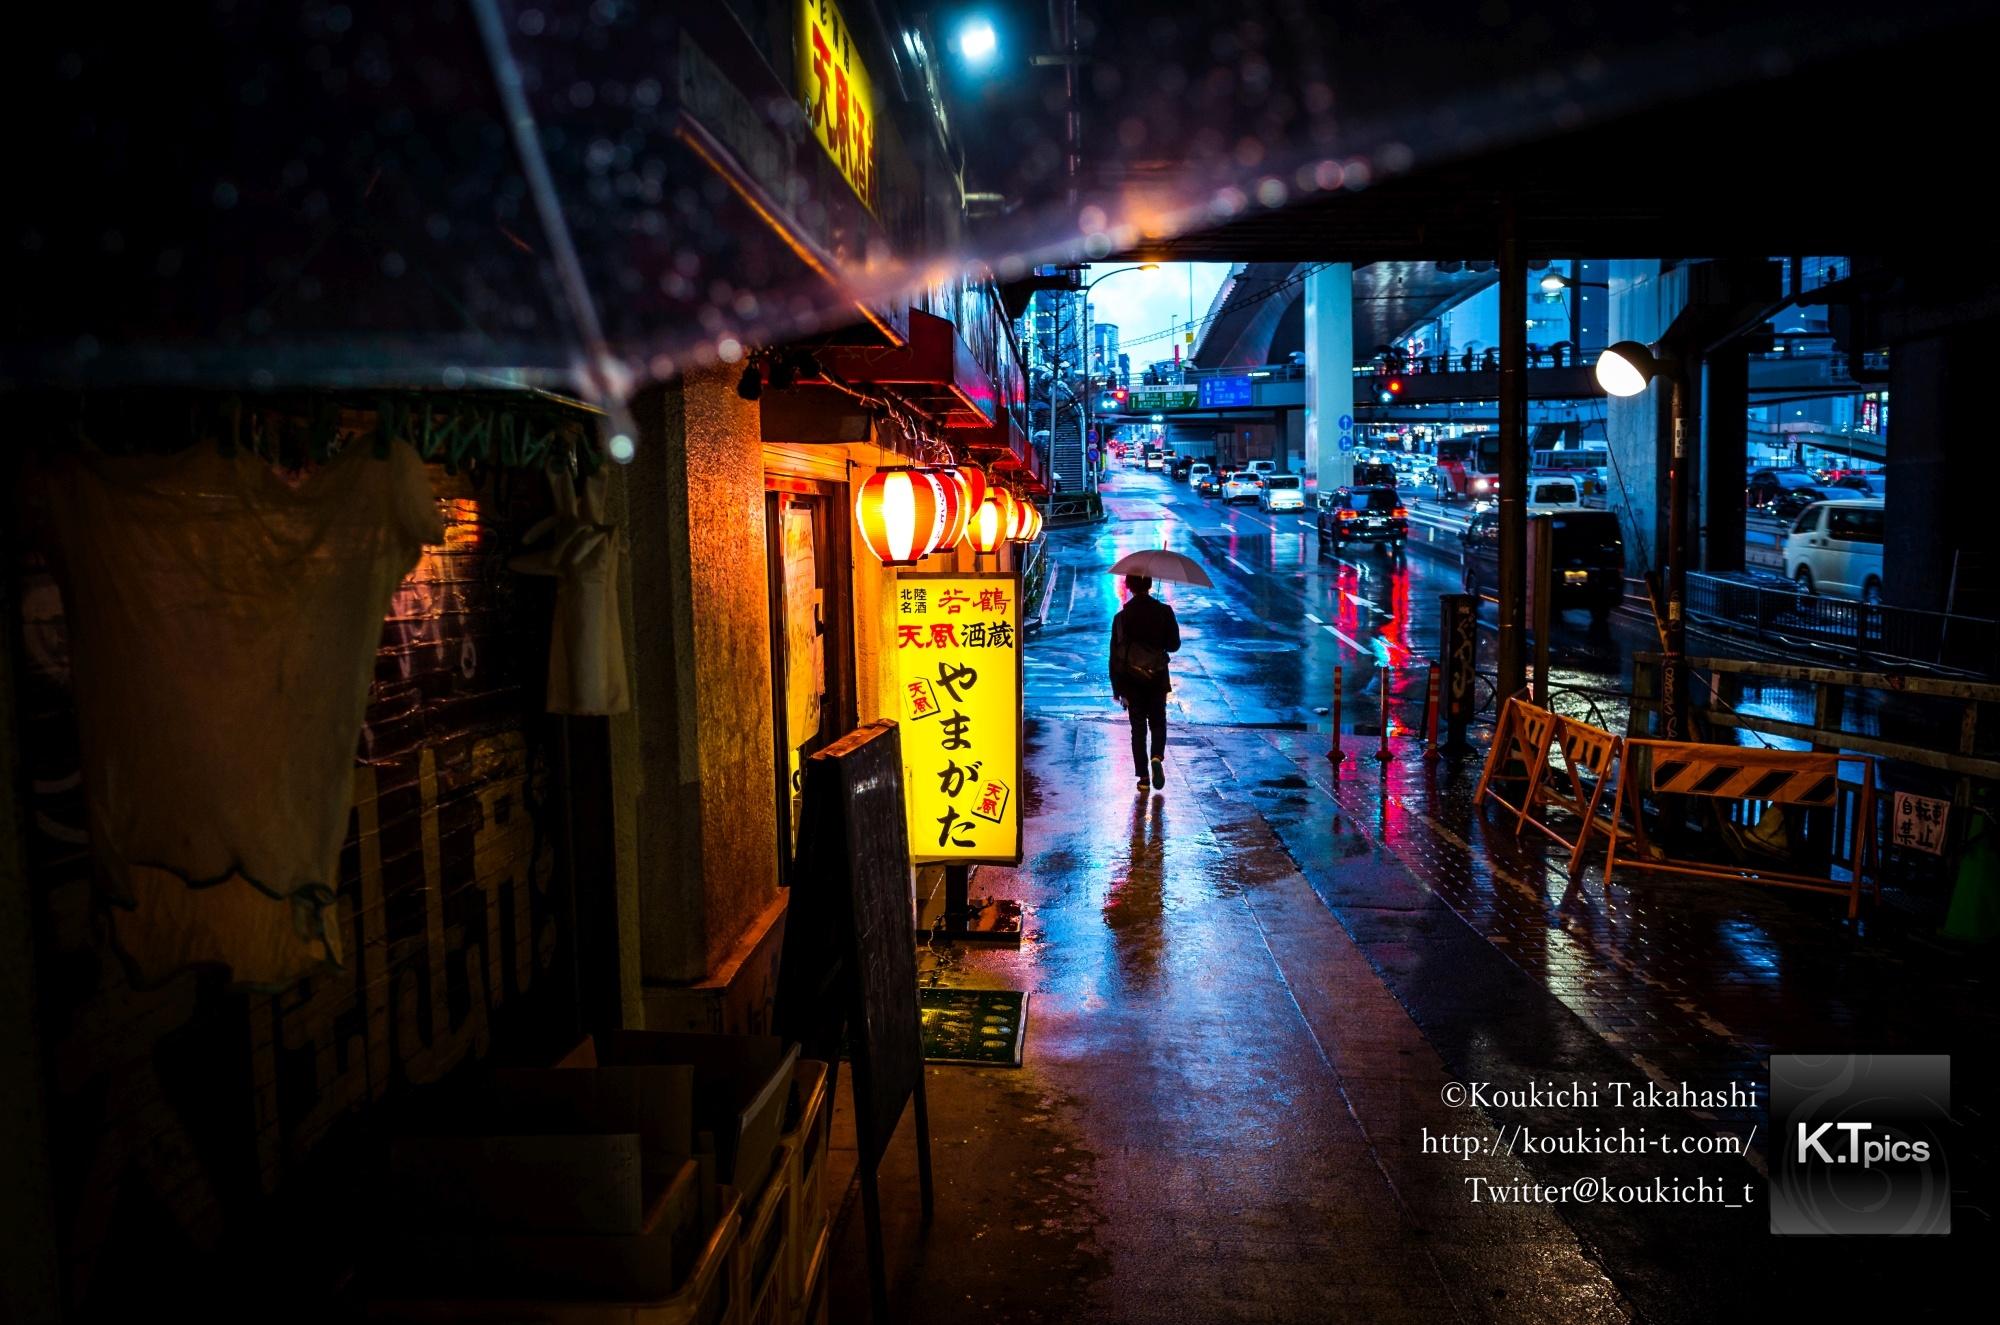 インスタアップ!雨の渋谷ガード下写真 - New post on Instagram.My Style:From My Umbrella at Shibuya